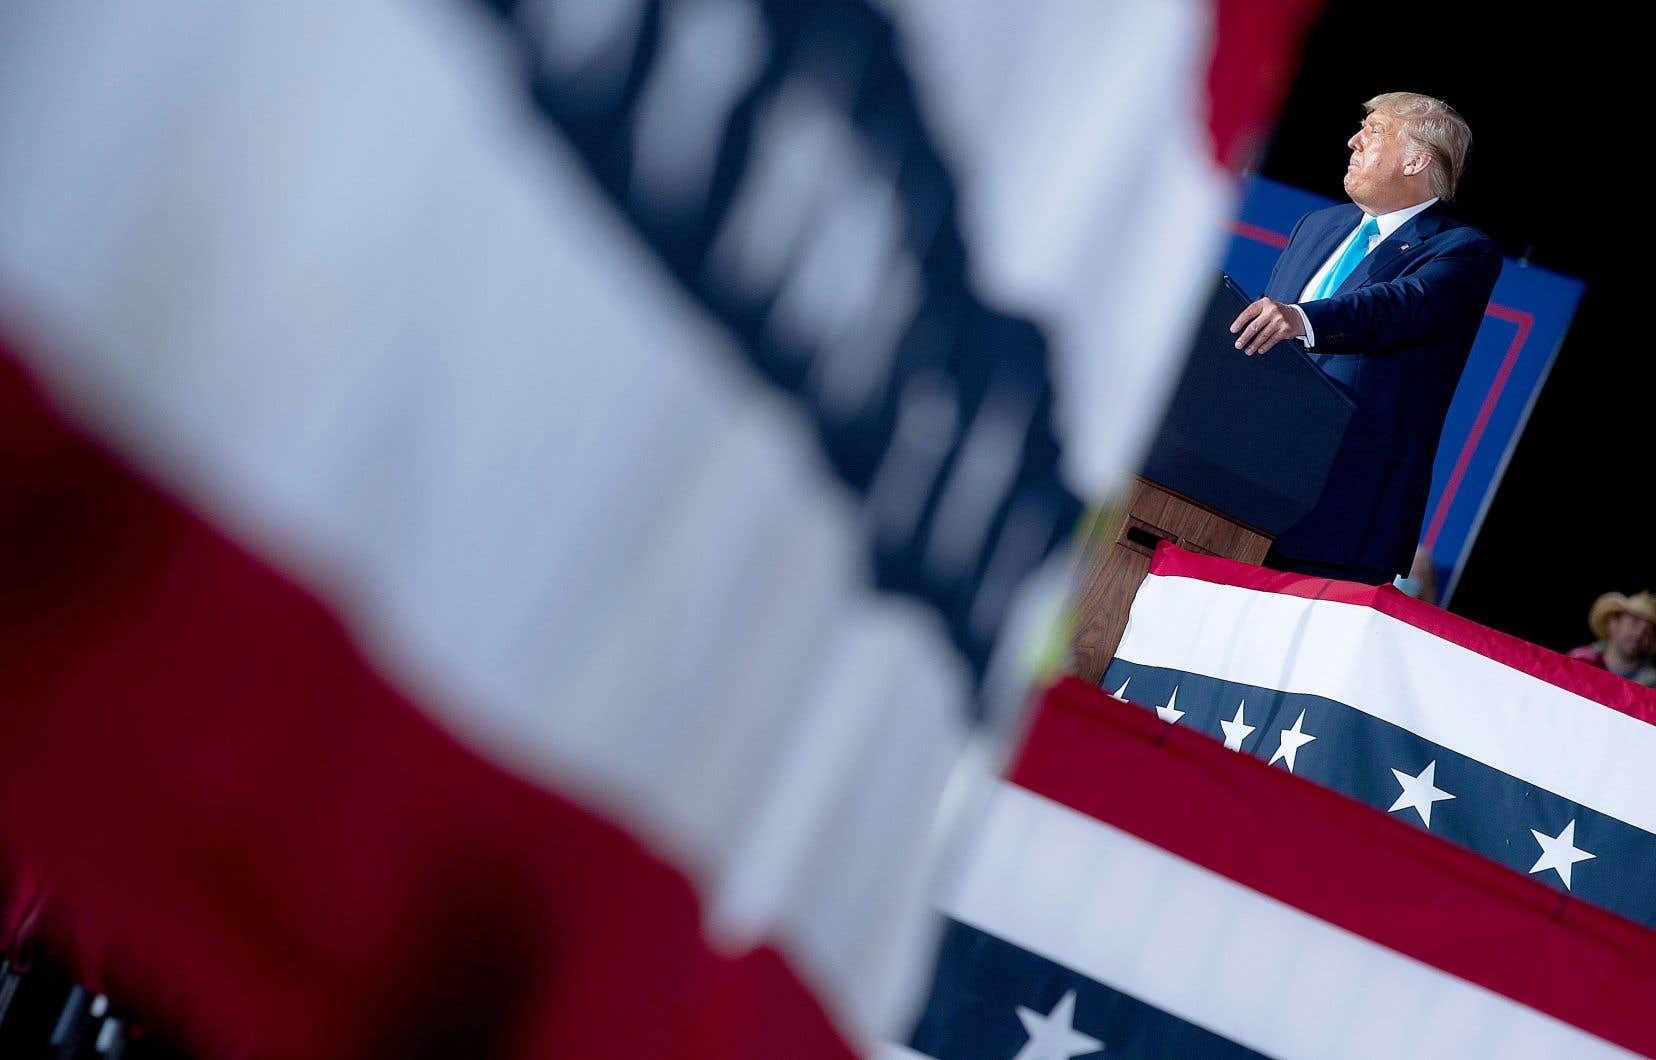 Les déclarations de revenus de l'homme d'affaires new-yorkais devenu président et candidat à sa réélection sont au coeur d'une bataille judiciaire, Donald Trump ayant toujours refusé de les publier, contrairement à tous ses prédécesseurs depuis les années 1970.